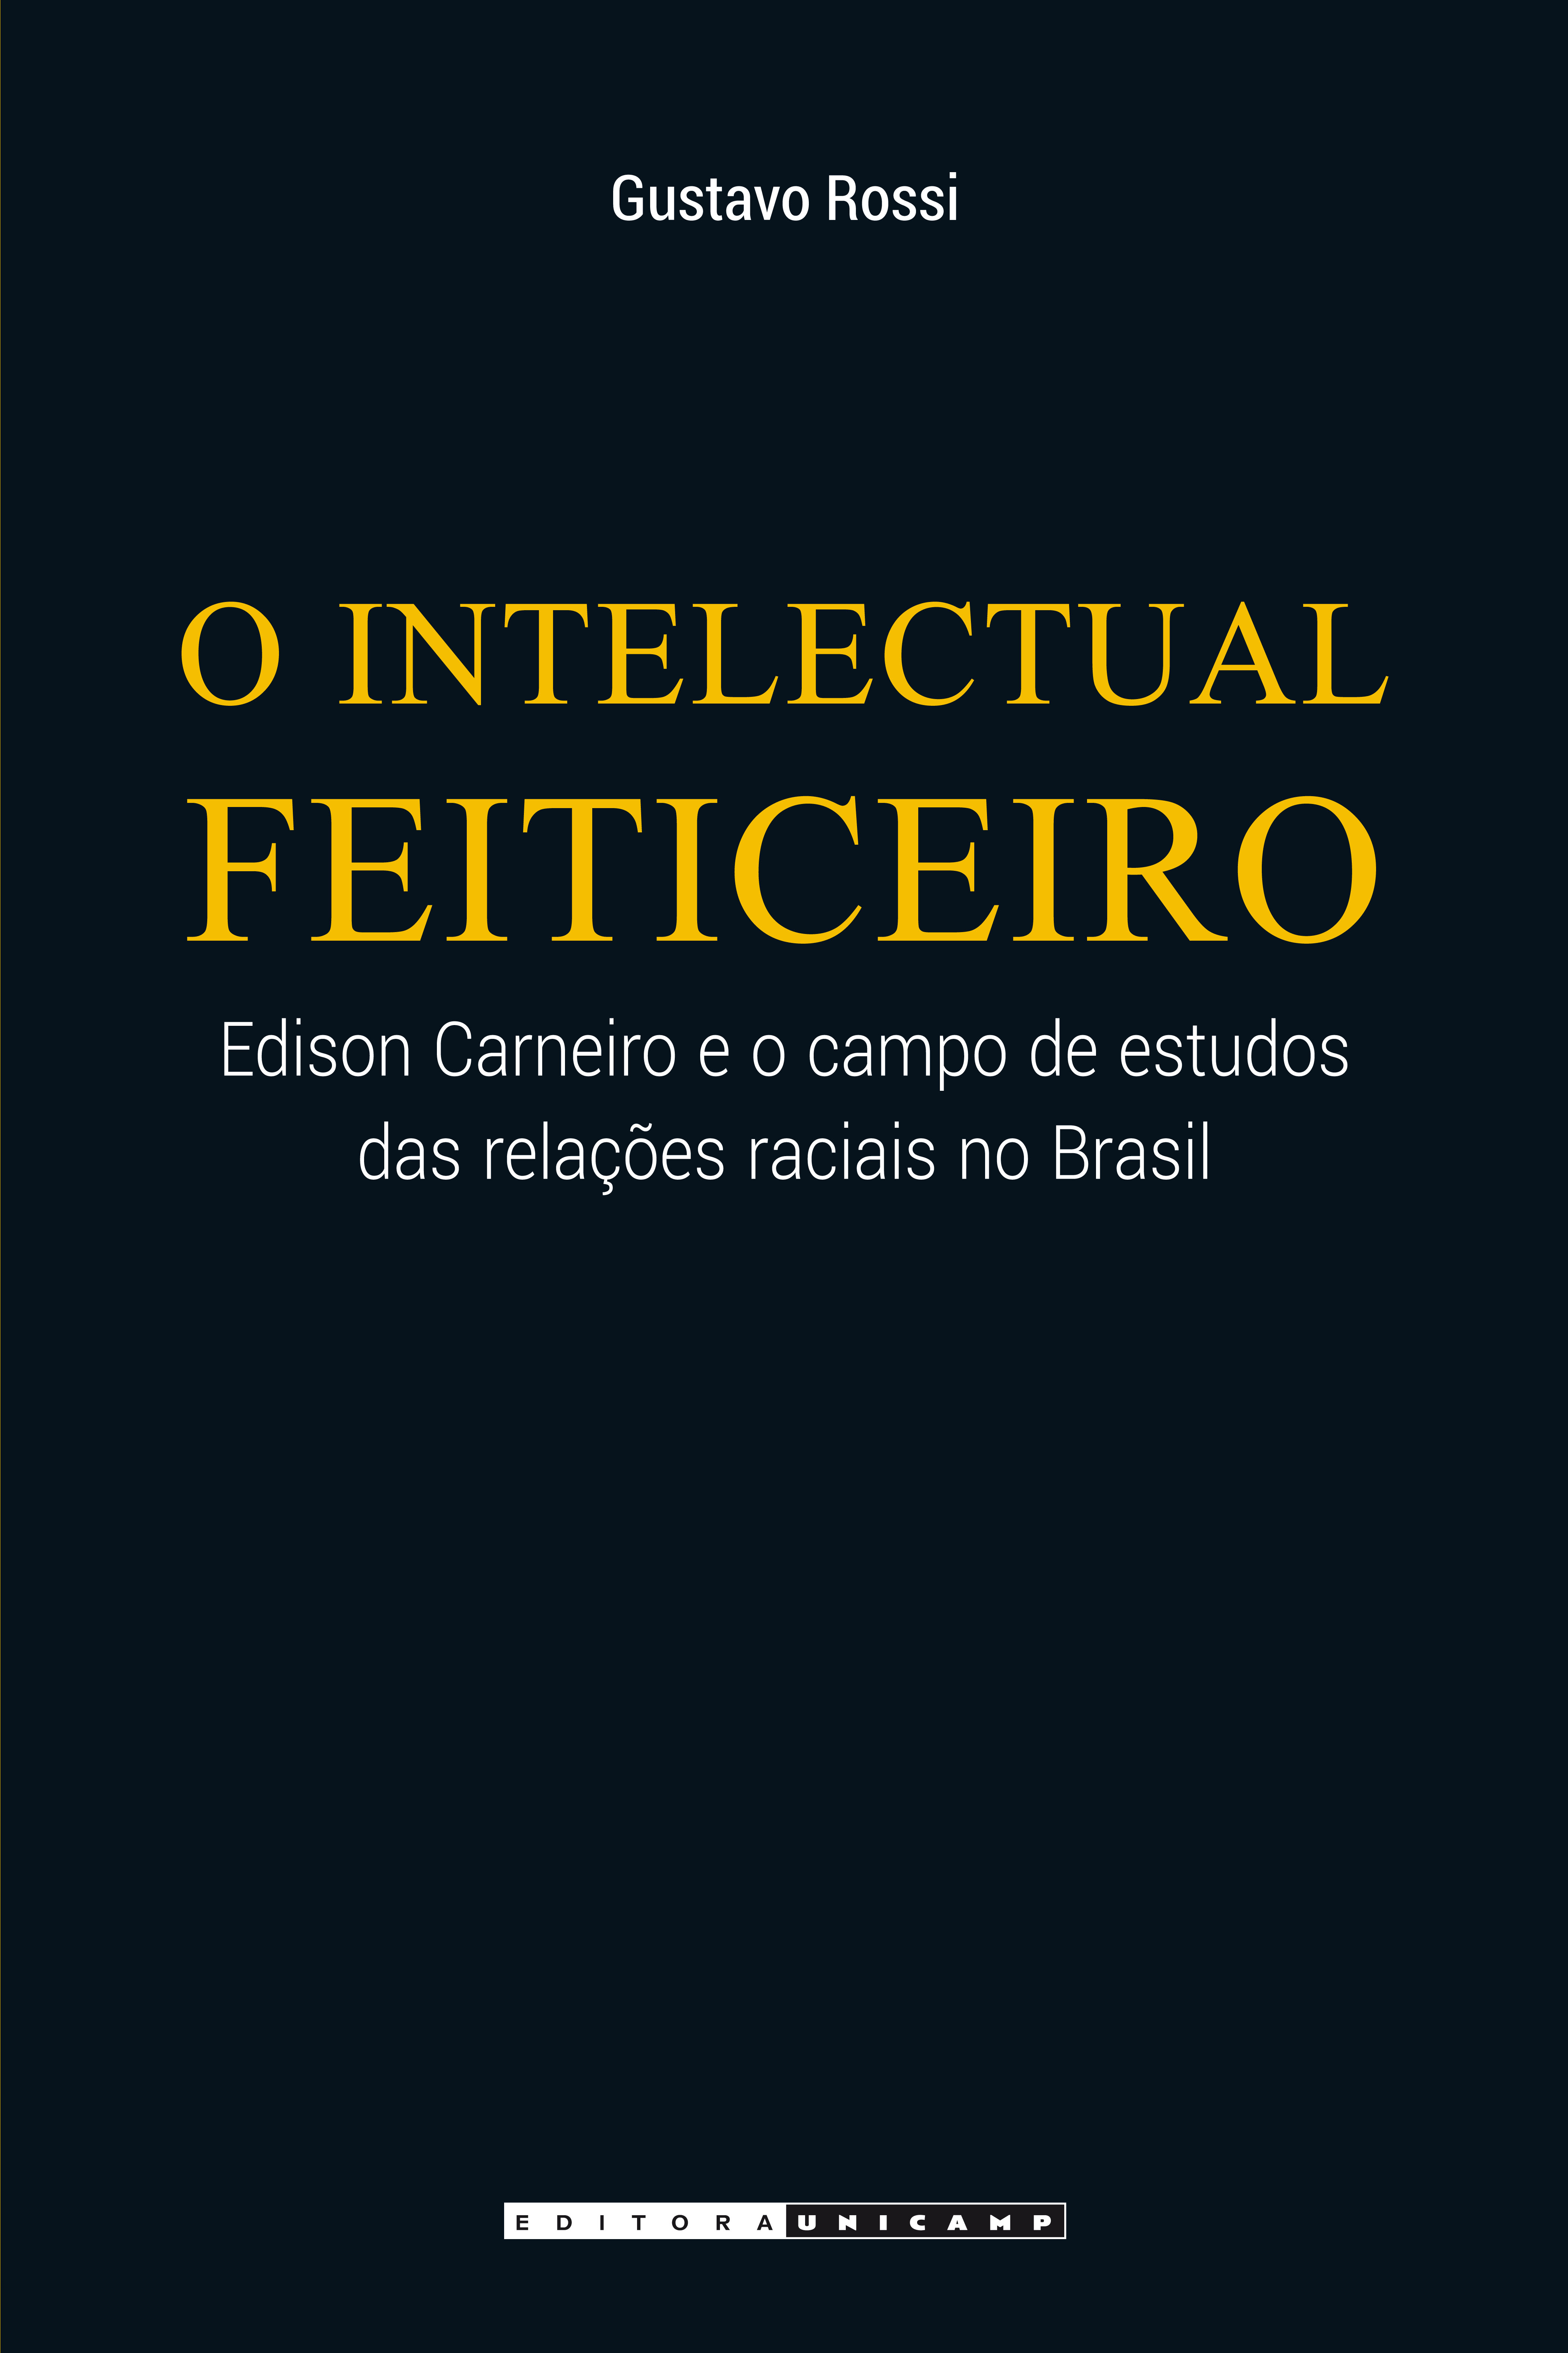 O intelectual Feiticeiro - Edison Carneiro e o campo de estudos das relações raciais no Brasil, livro de Gustavo Rossi